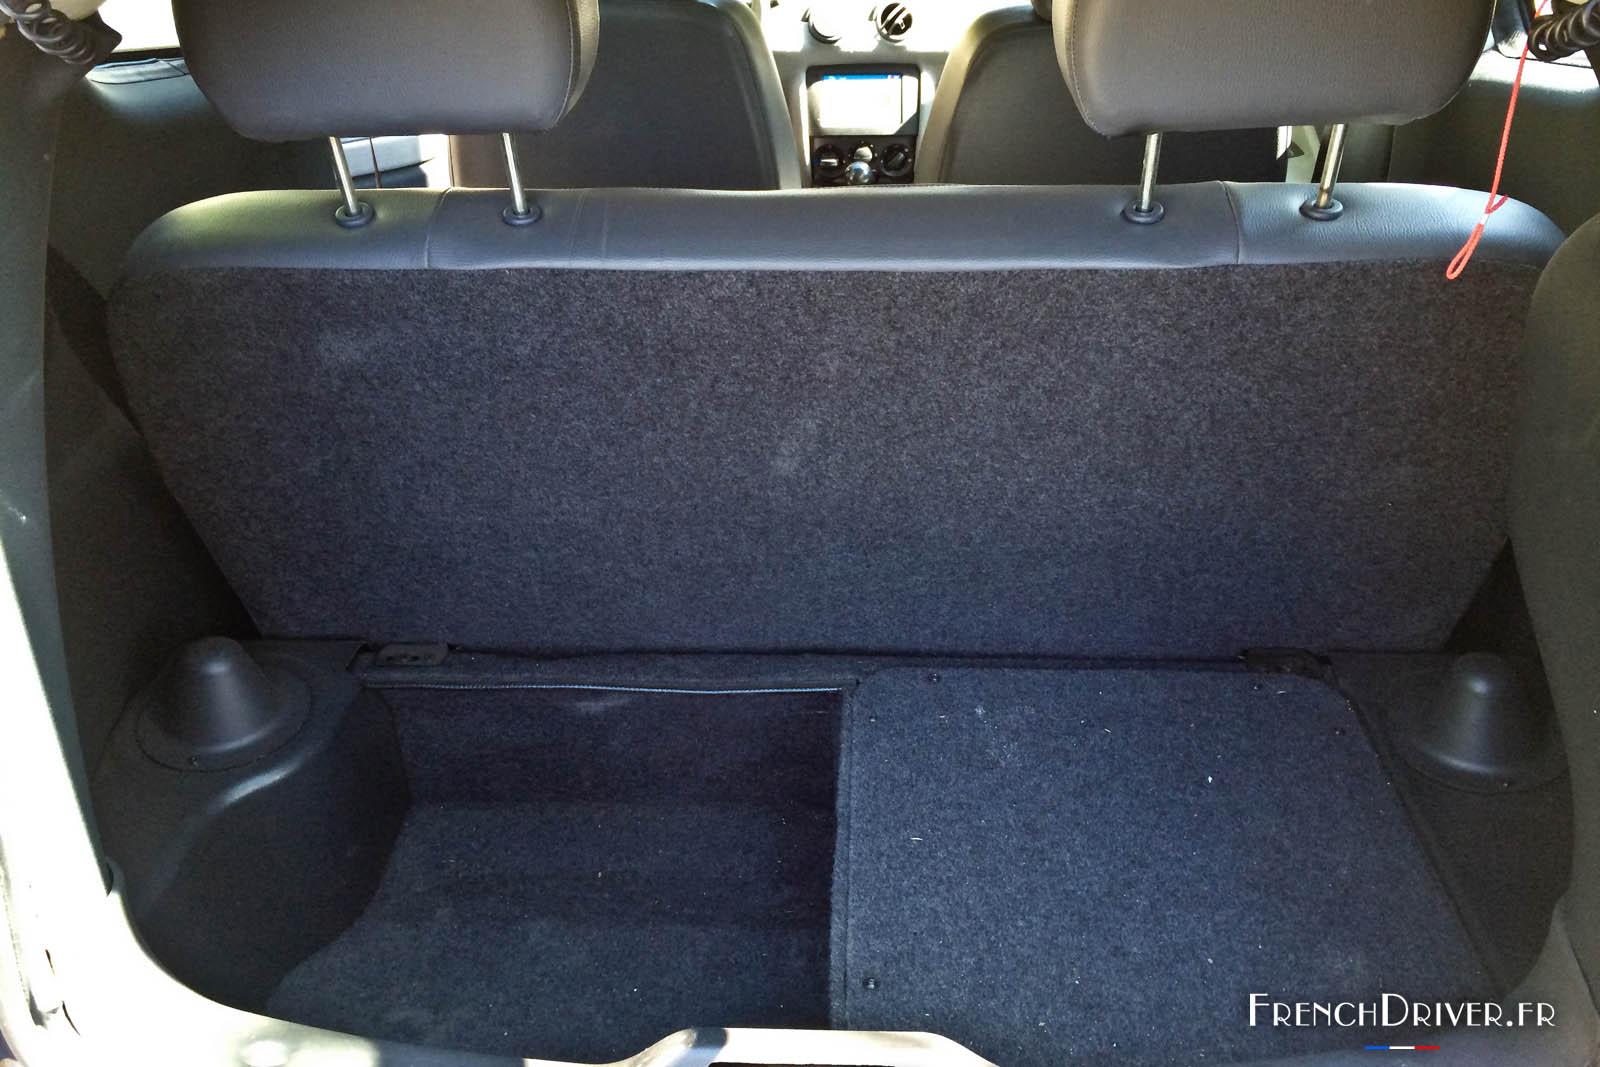 essai autolib 39 l 39 autopartage paris bollor bluecar french driver. Black Bedroom Furniture Sets. Home Design Ideas